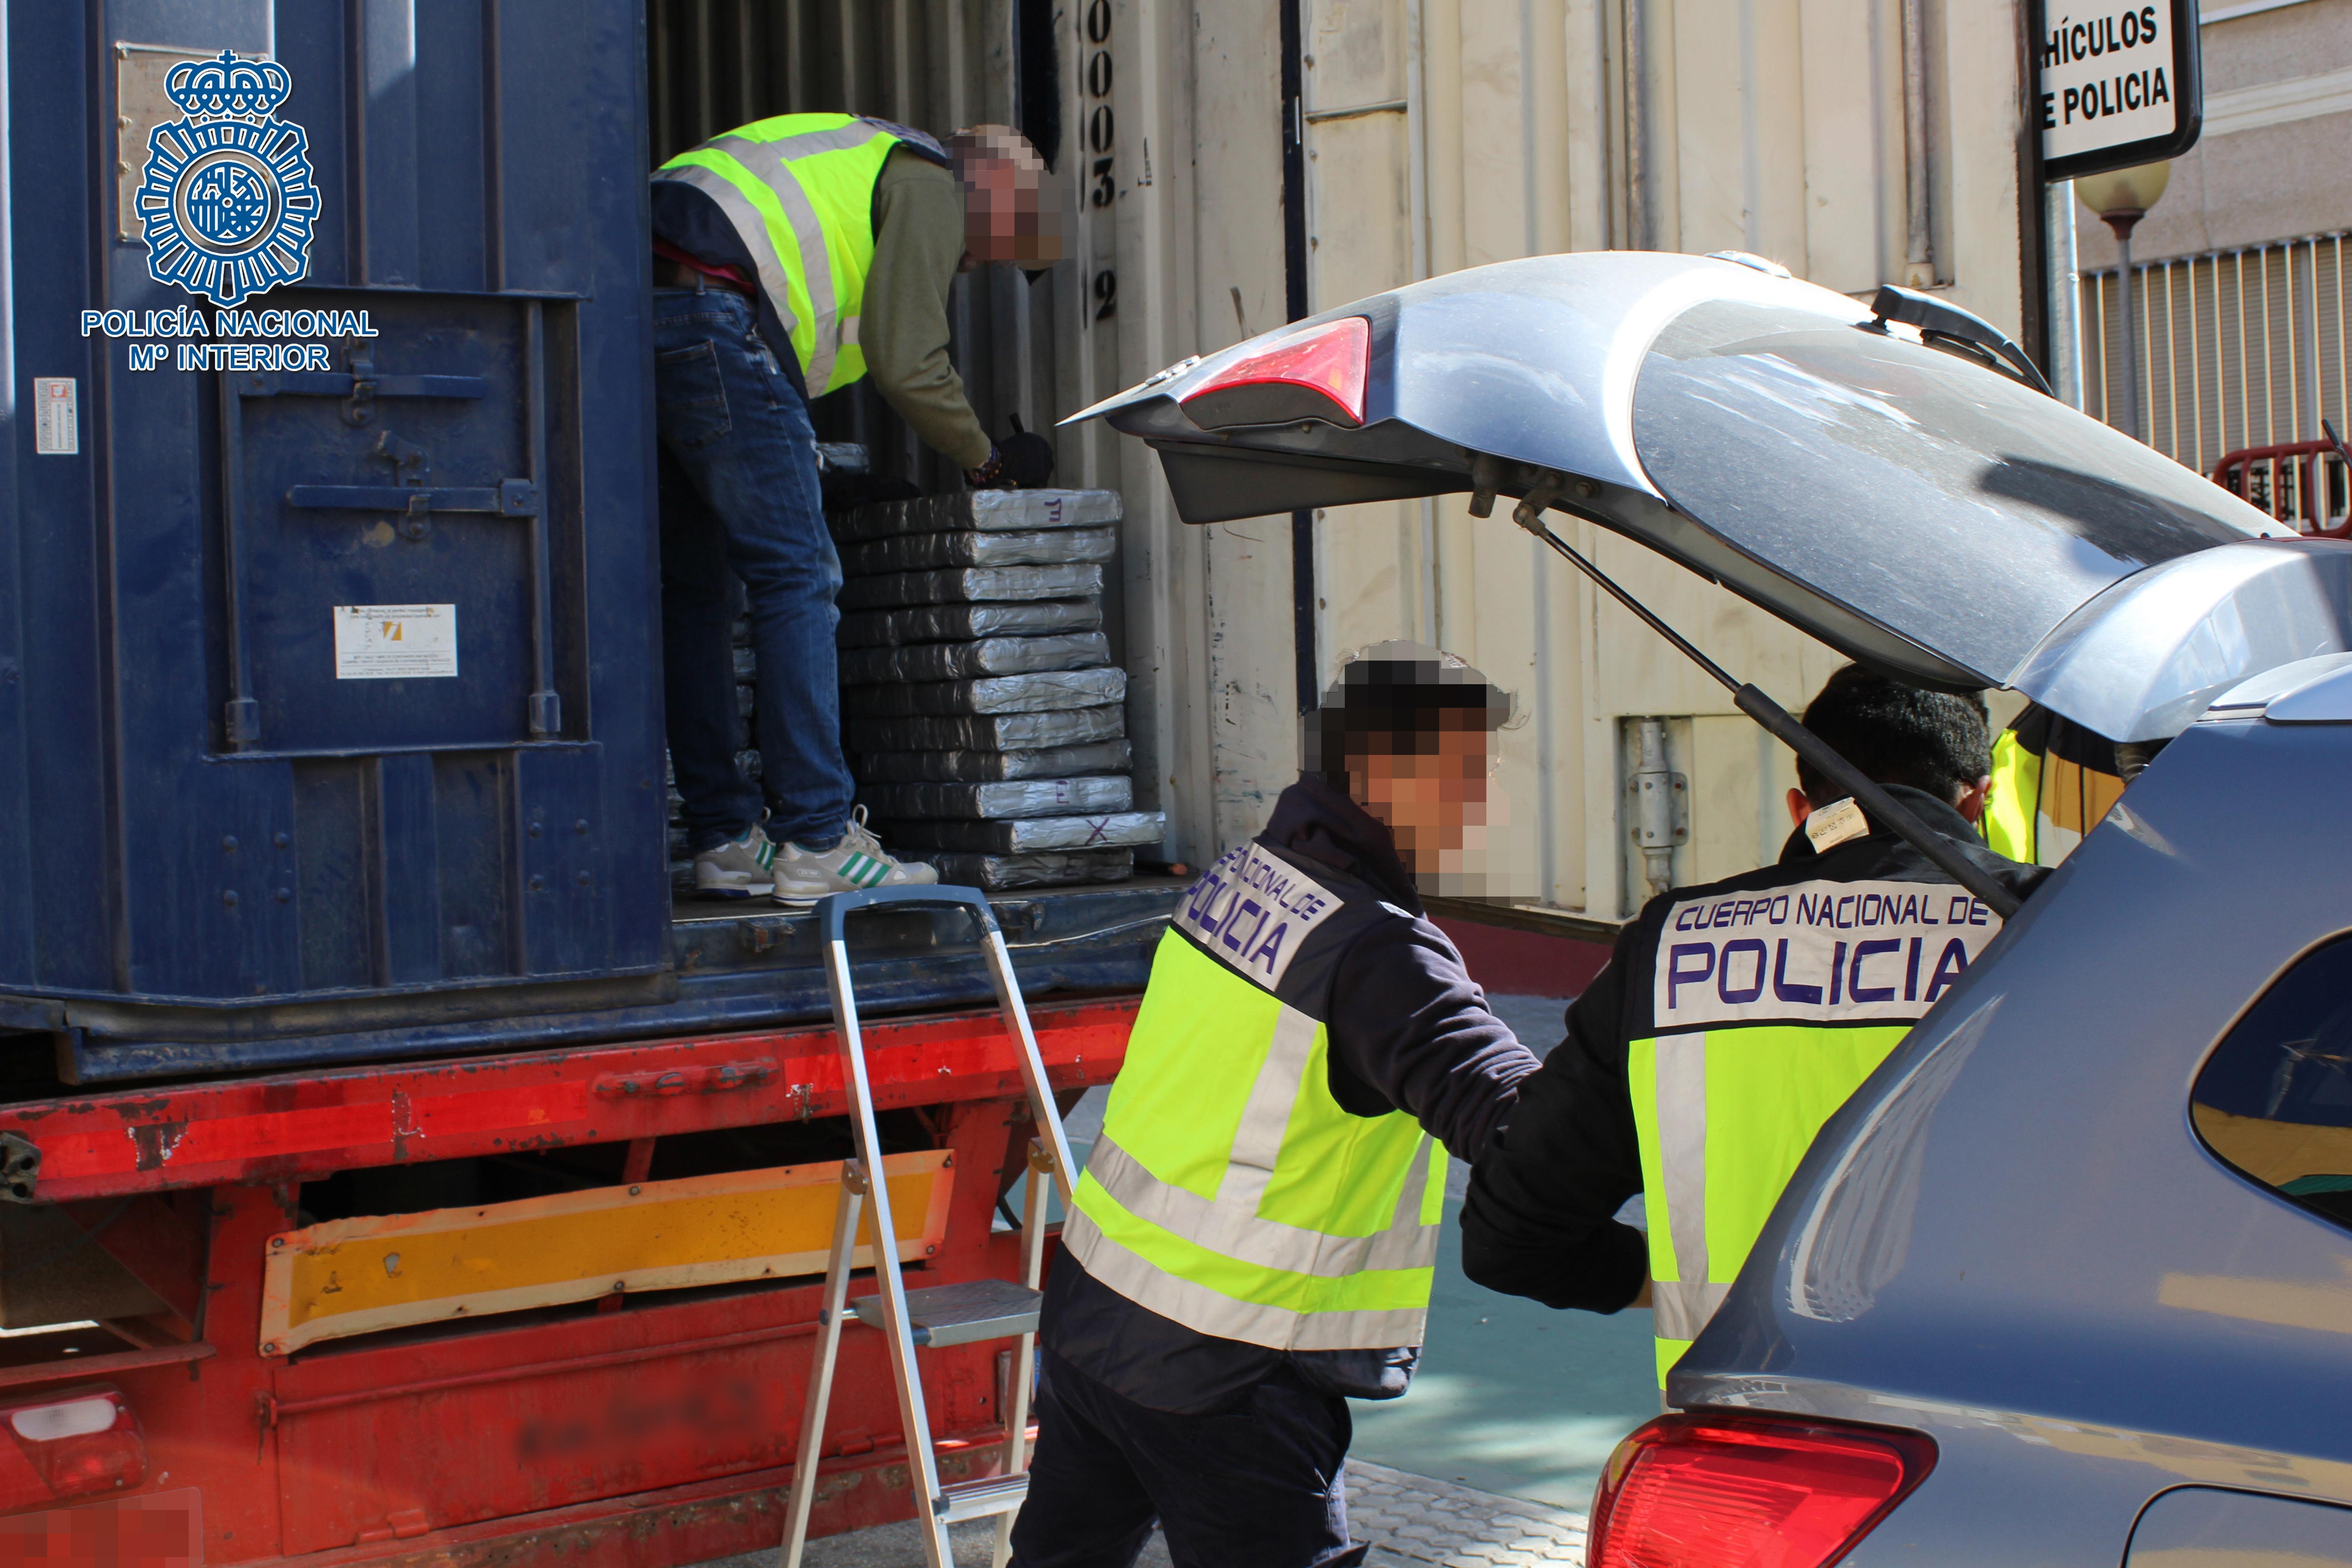 La Policía intercepta un tráiler con 1.500 kilos de hachís